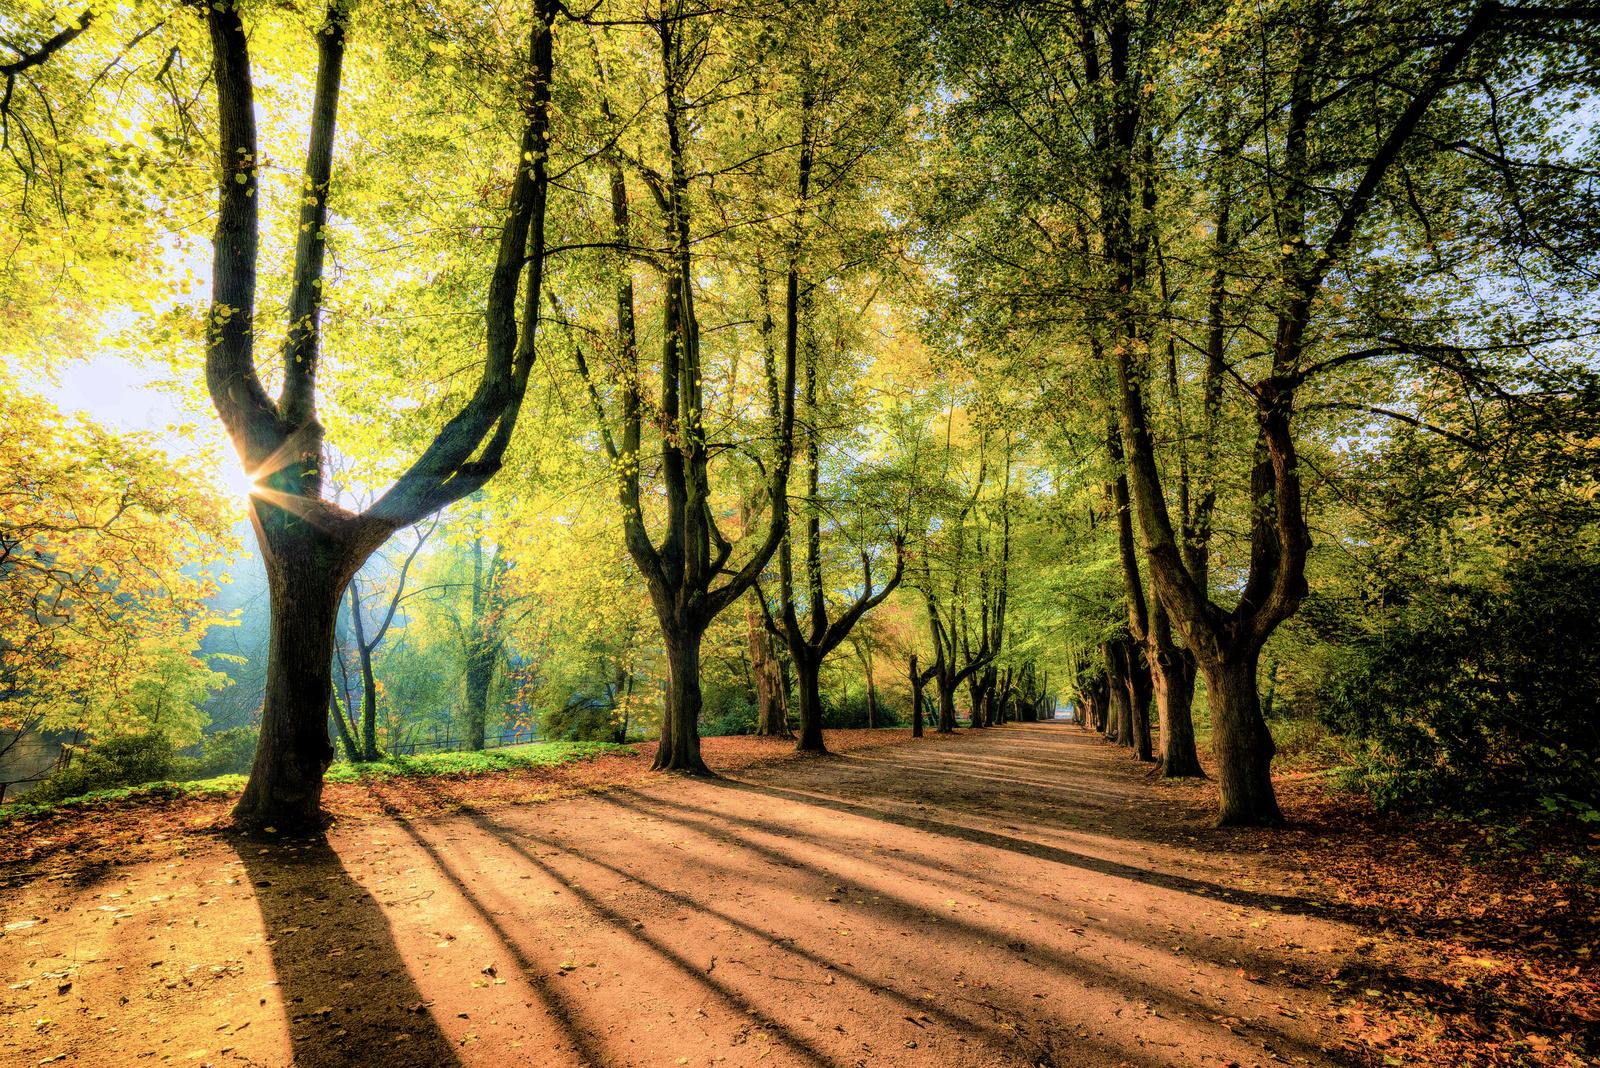 trees-sunrise-3796183